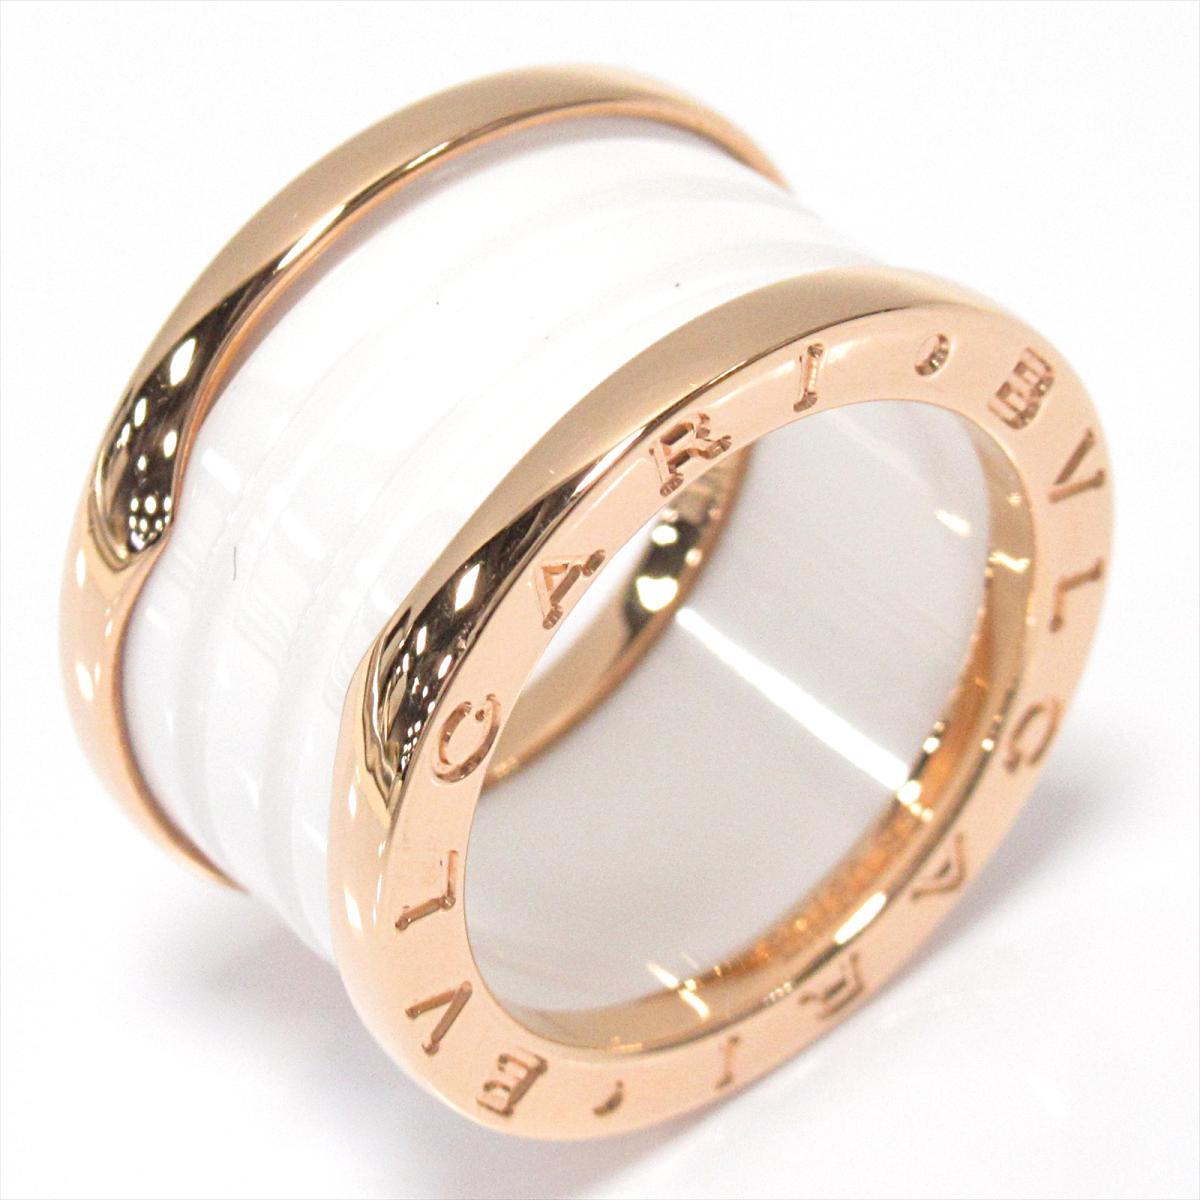 【中古】 ブルガリ B-zero1 ビーゼロワンリング 指輪 メンズ レディース K18PG (750) ピンクゴールド x セラミック | BVLGARI BRANDOFF ブランドオフ ブランド ジュエリー アクセサリー リング